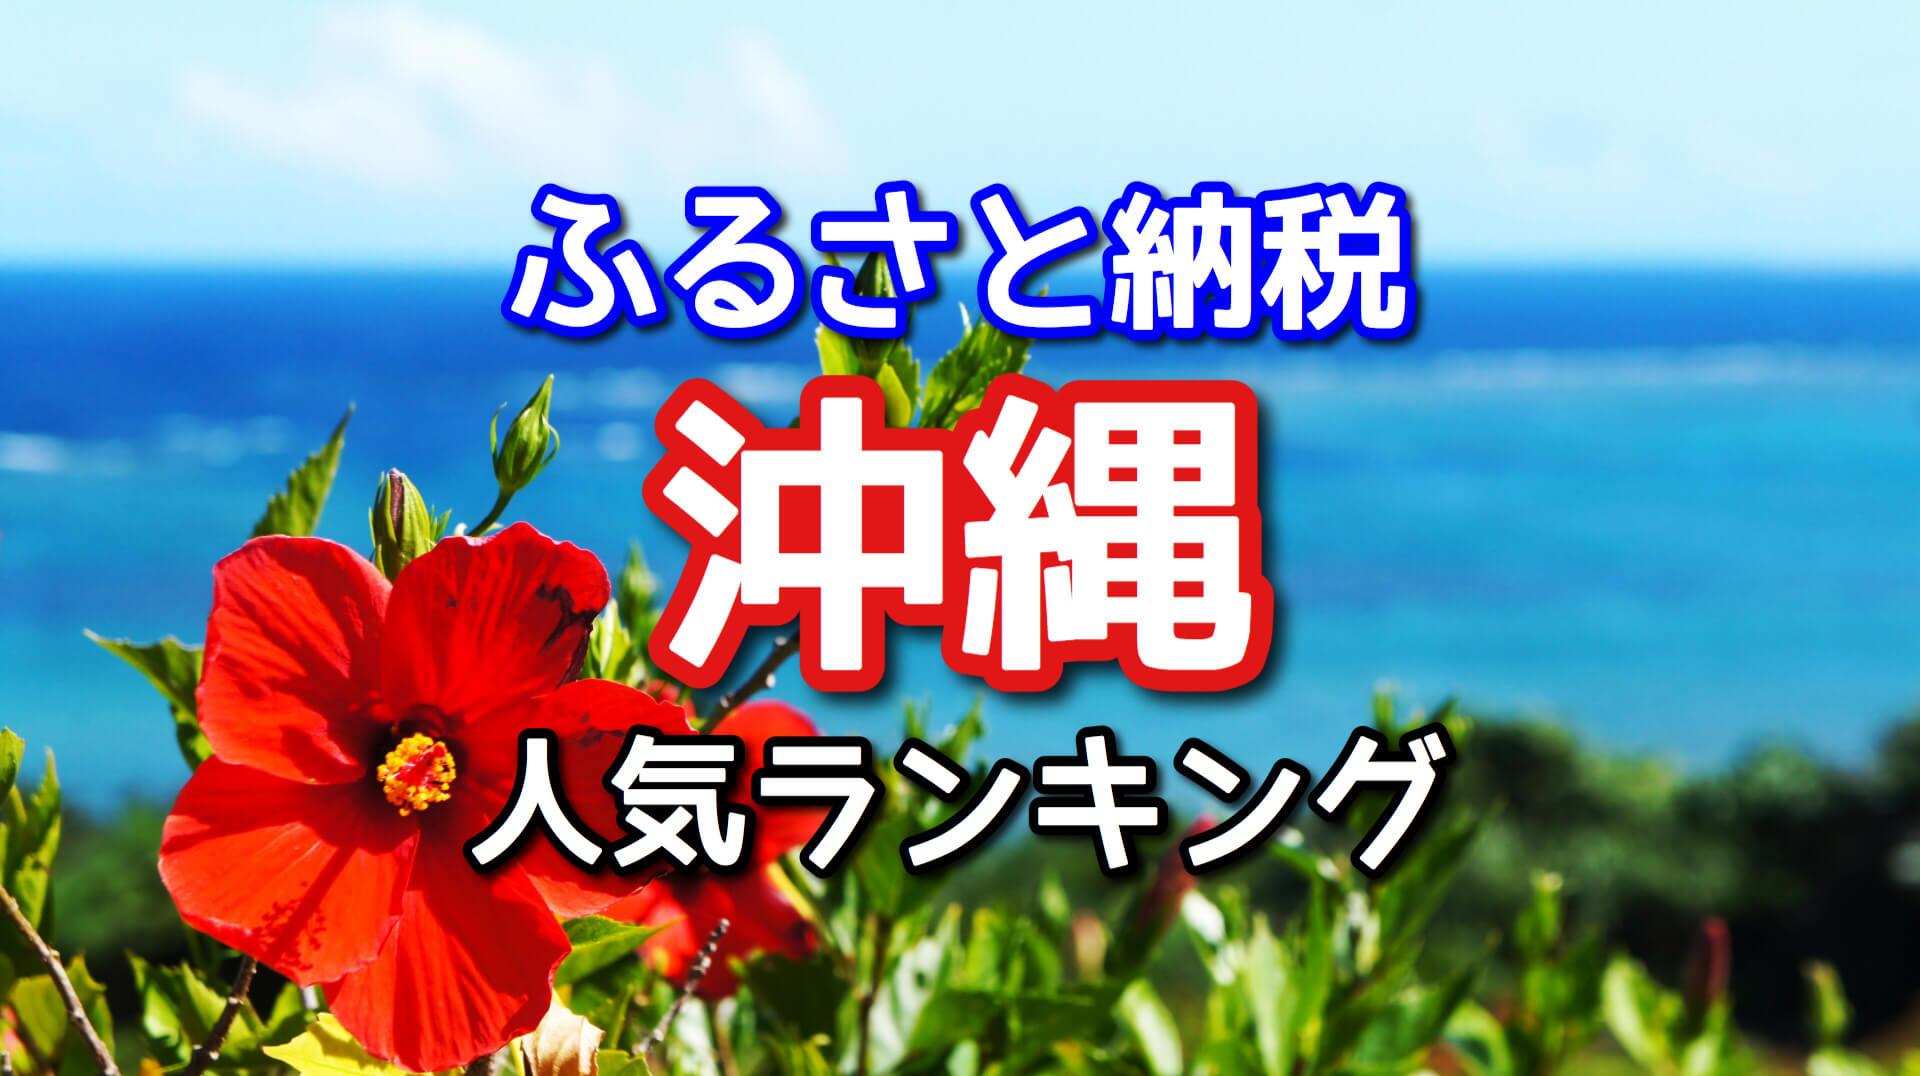 【ふるさと納税】沖縄の返礼品おすすめ10選!人気ランキング2018